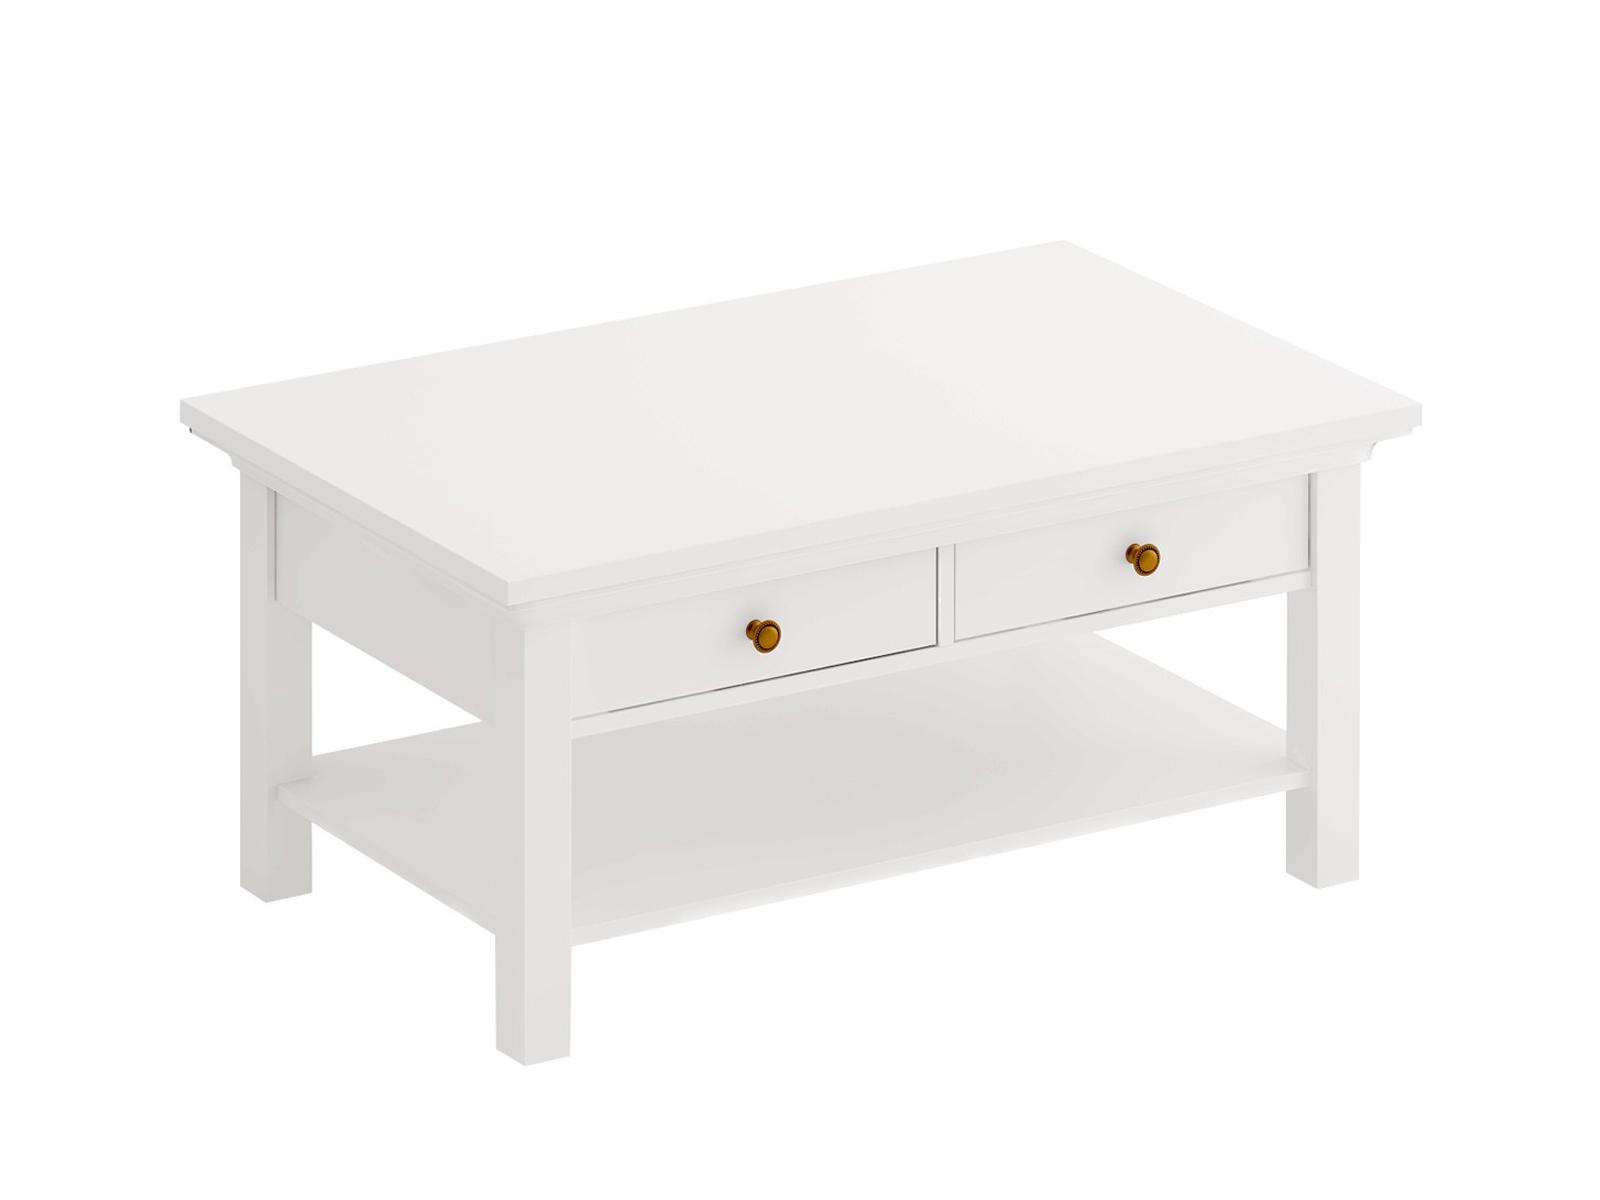 Стол журнальный Reina с выдвижными ящиками БелыйСтолы и столики<br>Стол журнальный с 2-мя выдвижными ящиками<br>